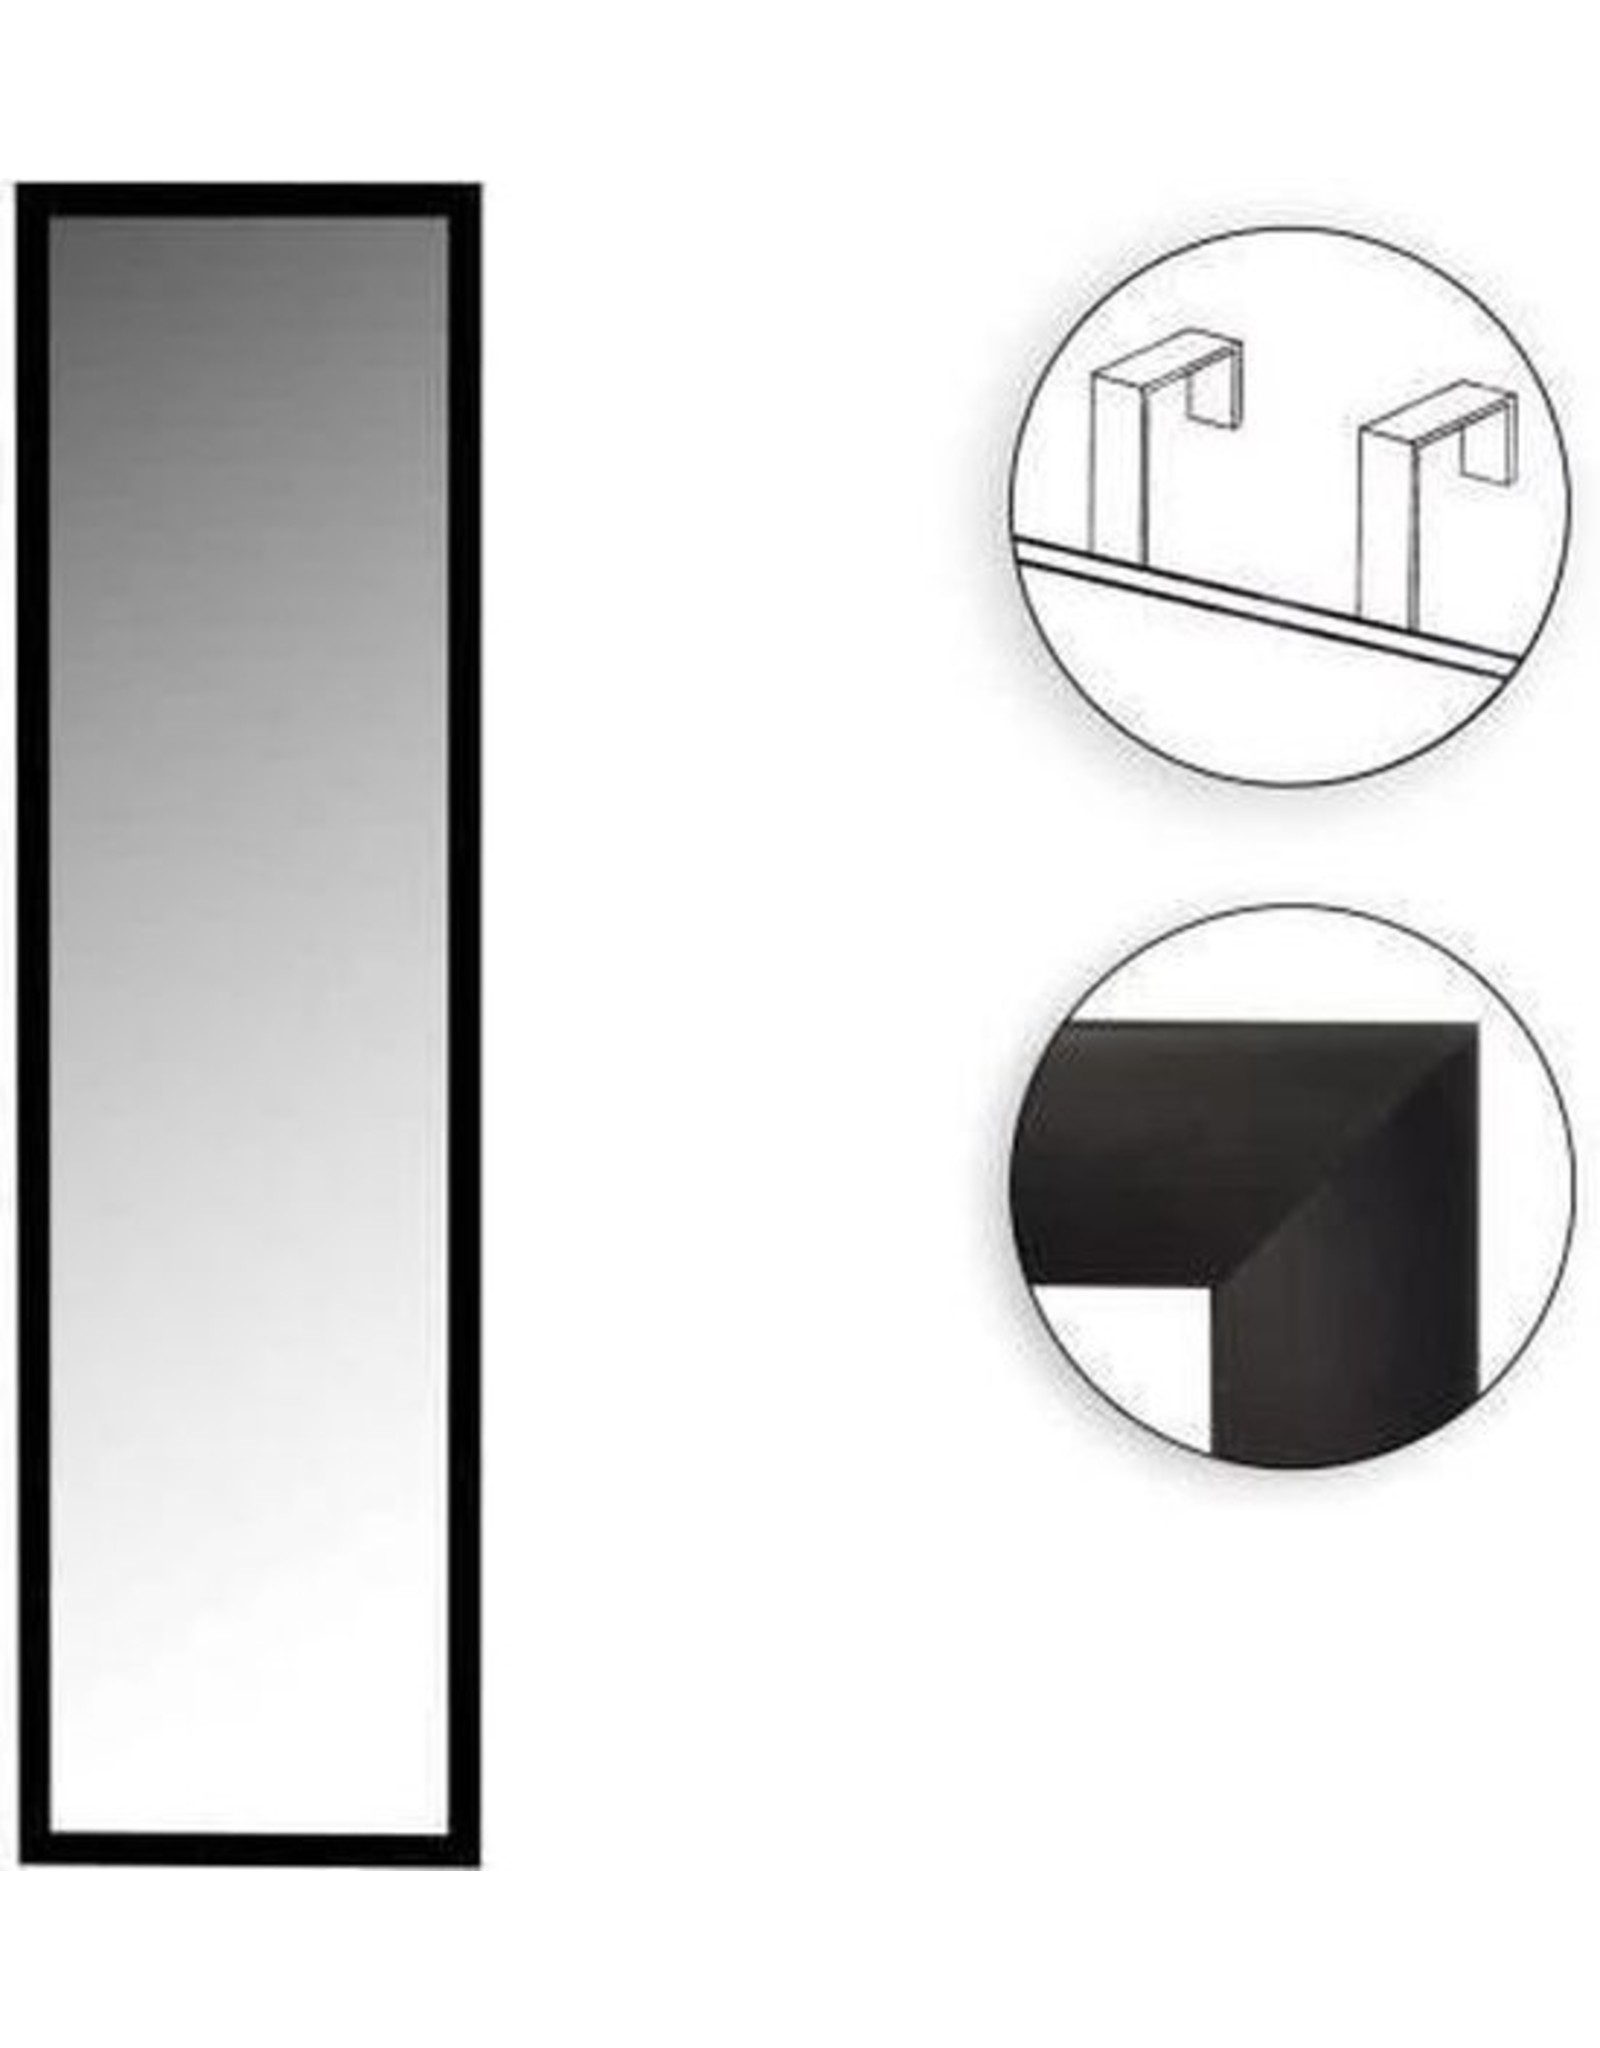 Atmosphera Atmosphera - Deurspiegel - Met zwarte frame - 110x36cm